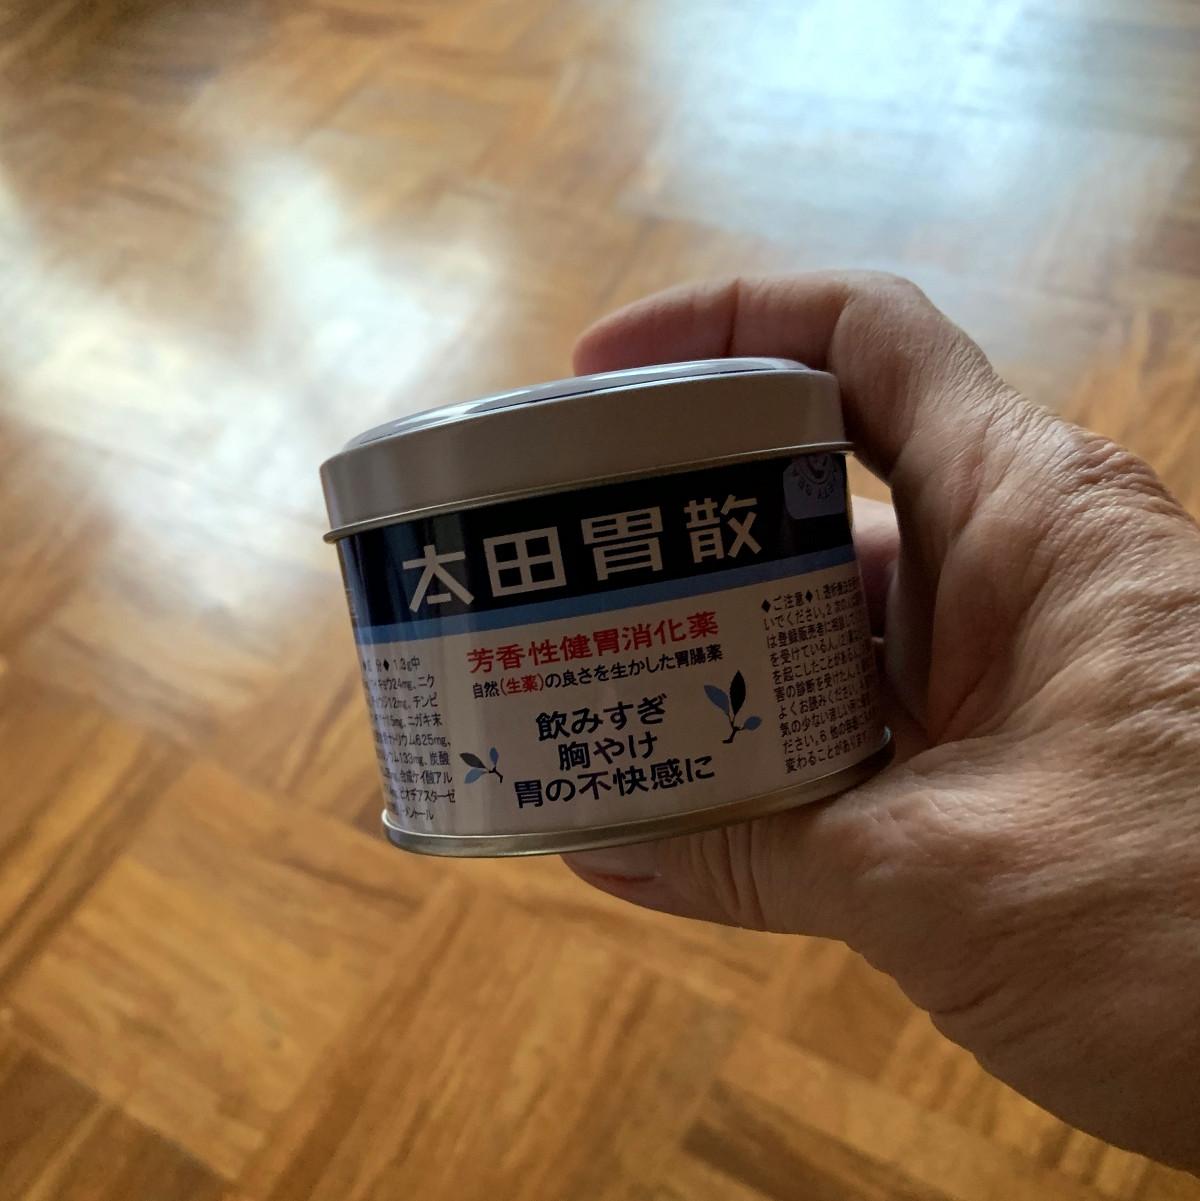 太田胃酸 by天空オフィシャルブログ所蔵画像